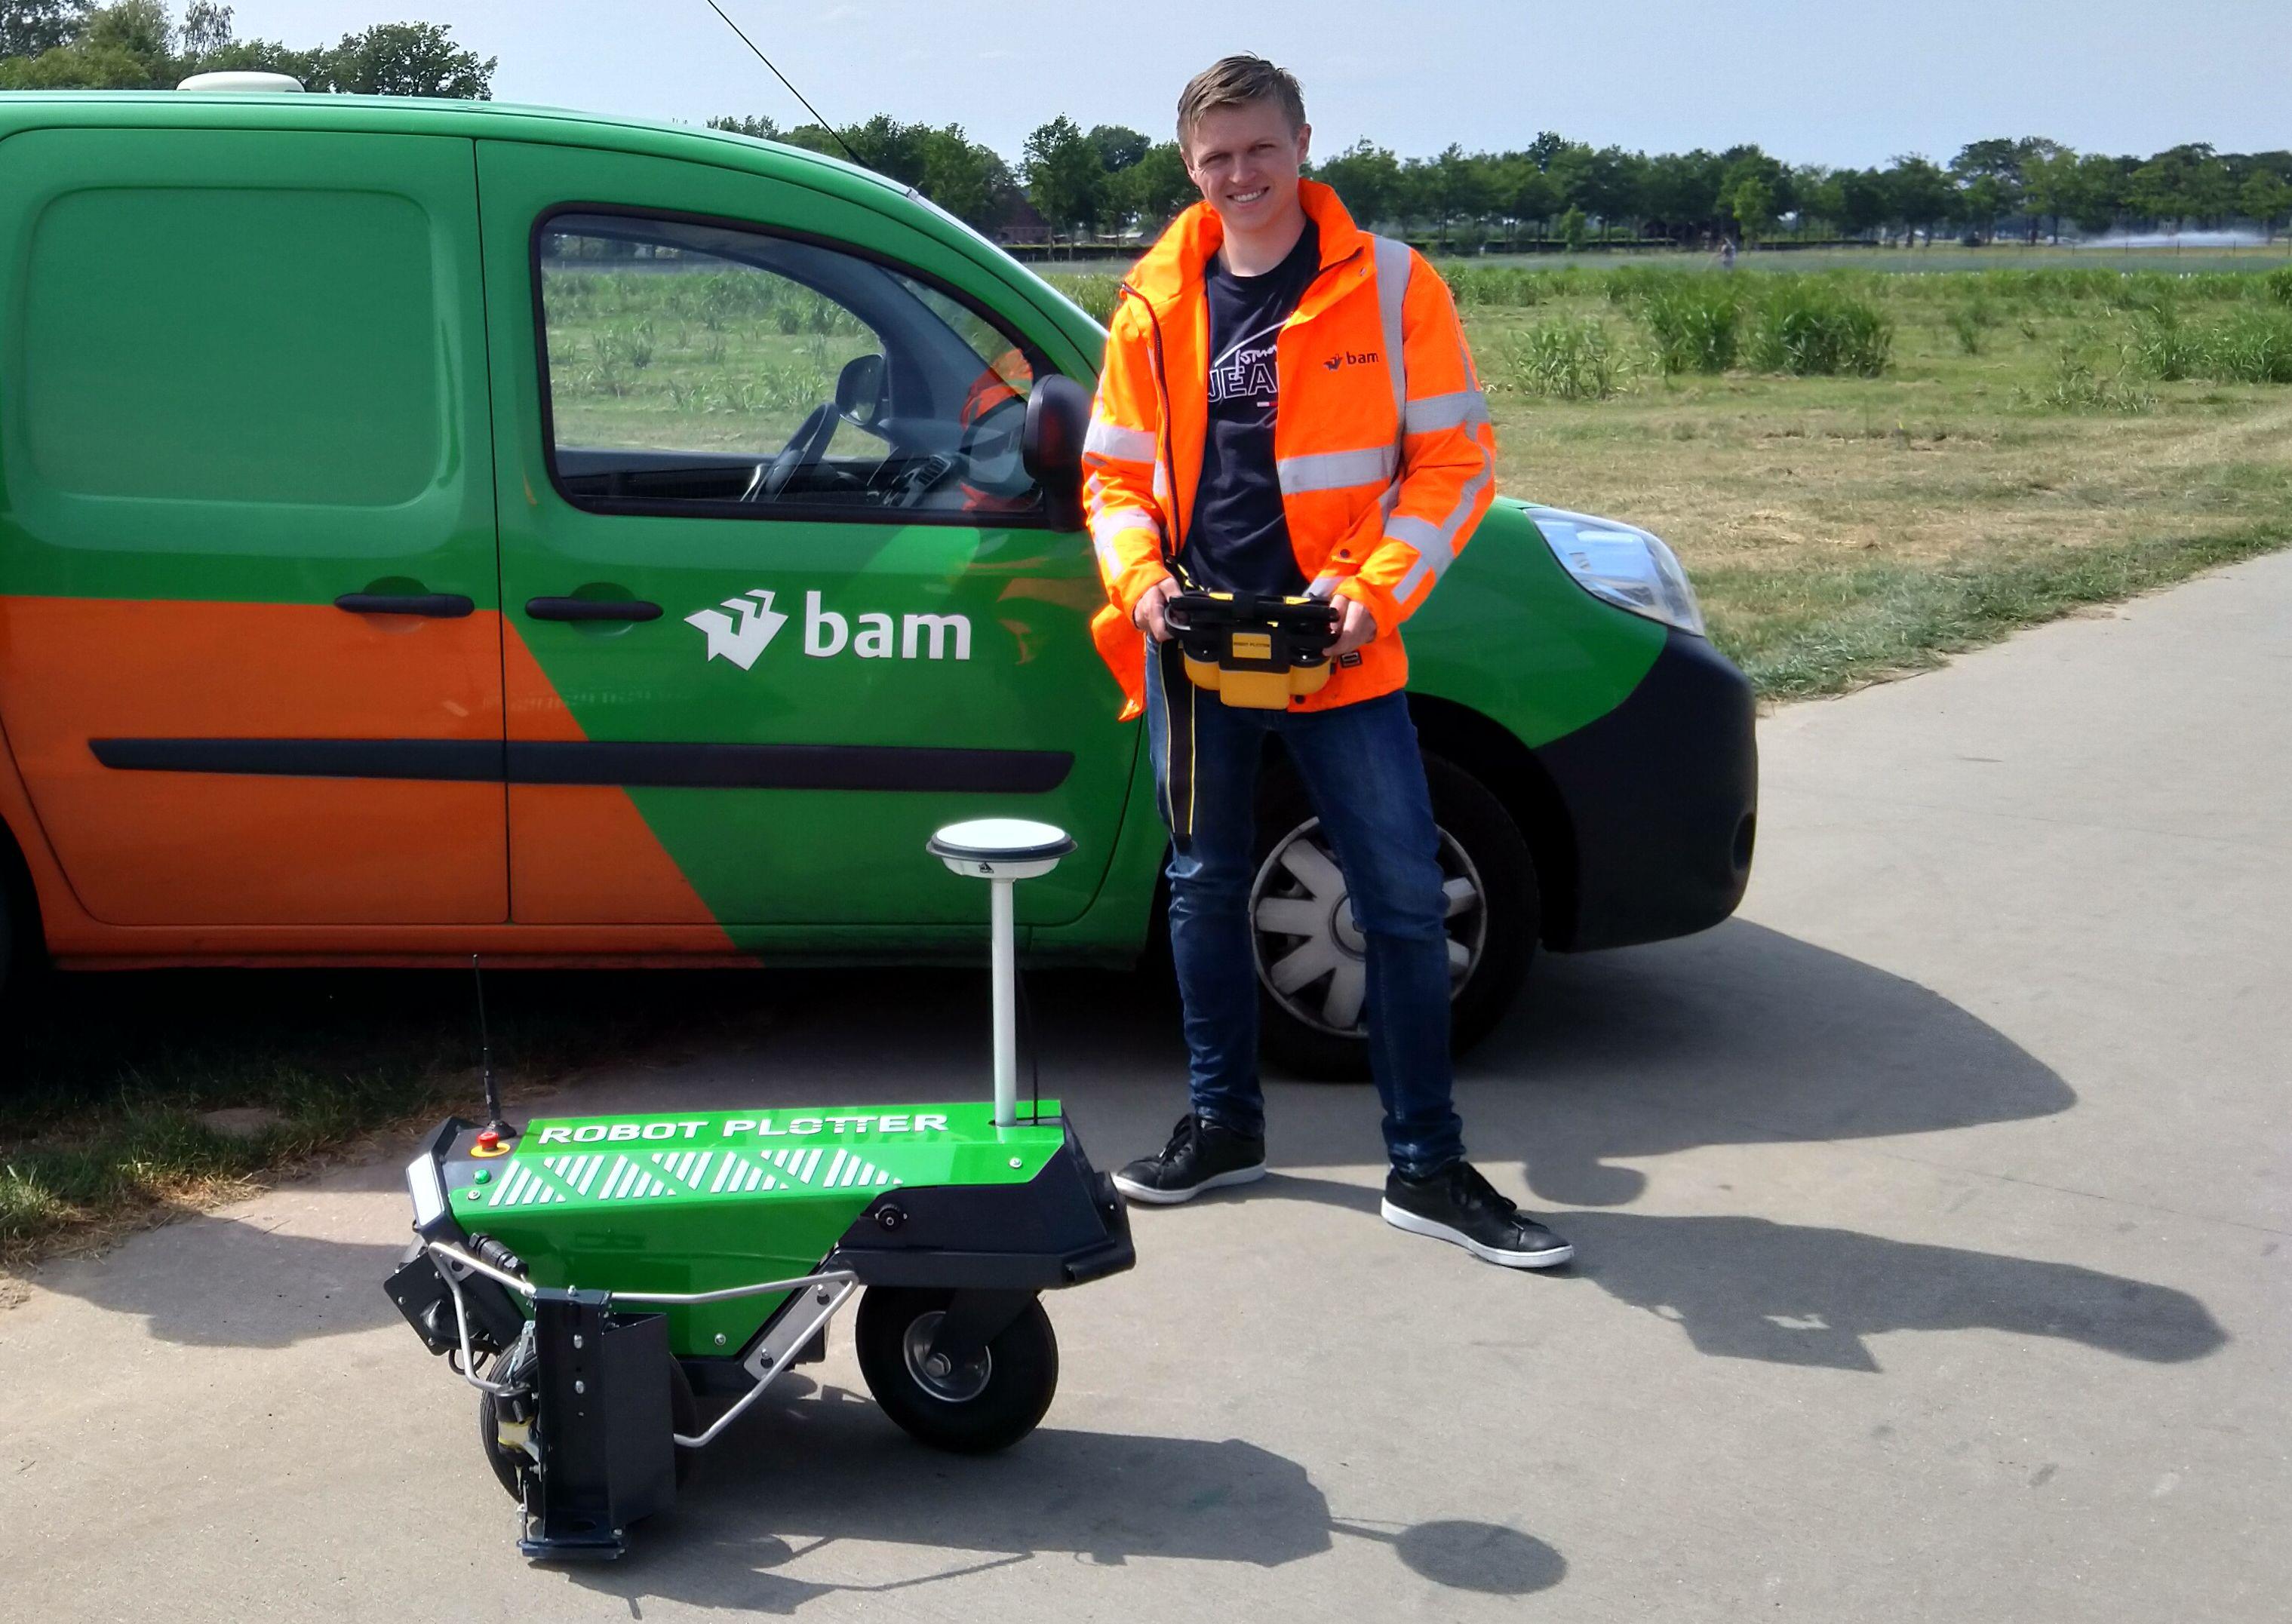 BAM also owns a Robot Plotter